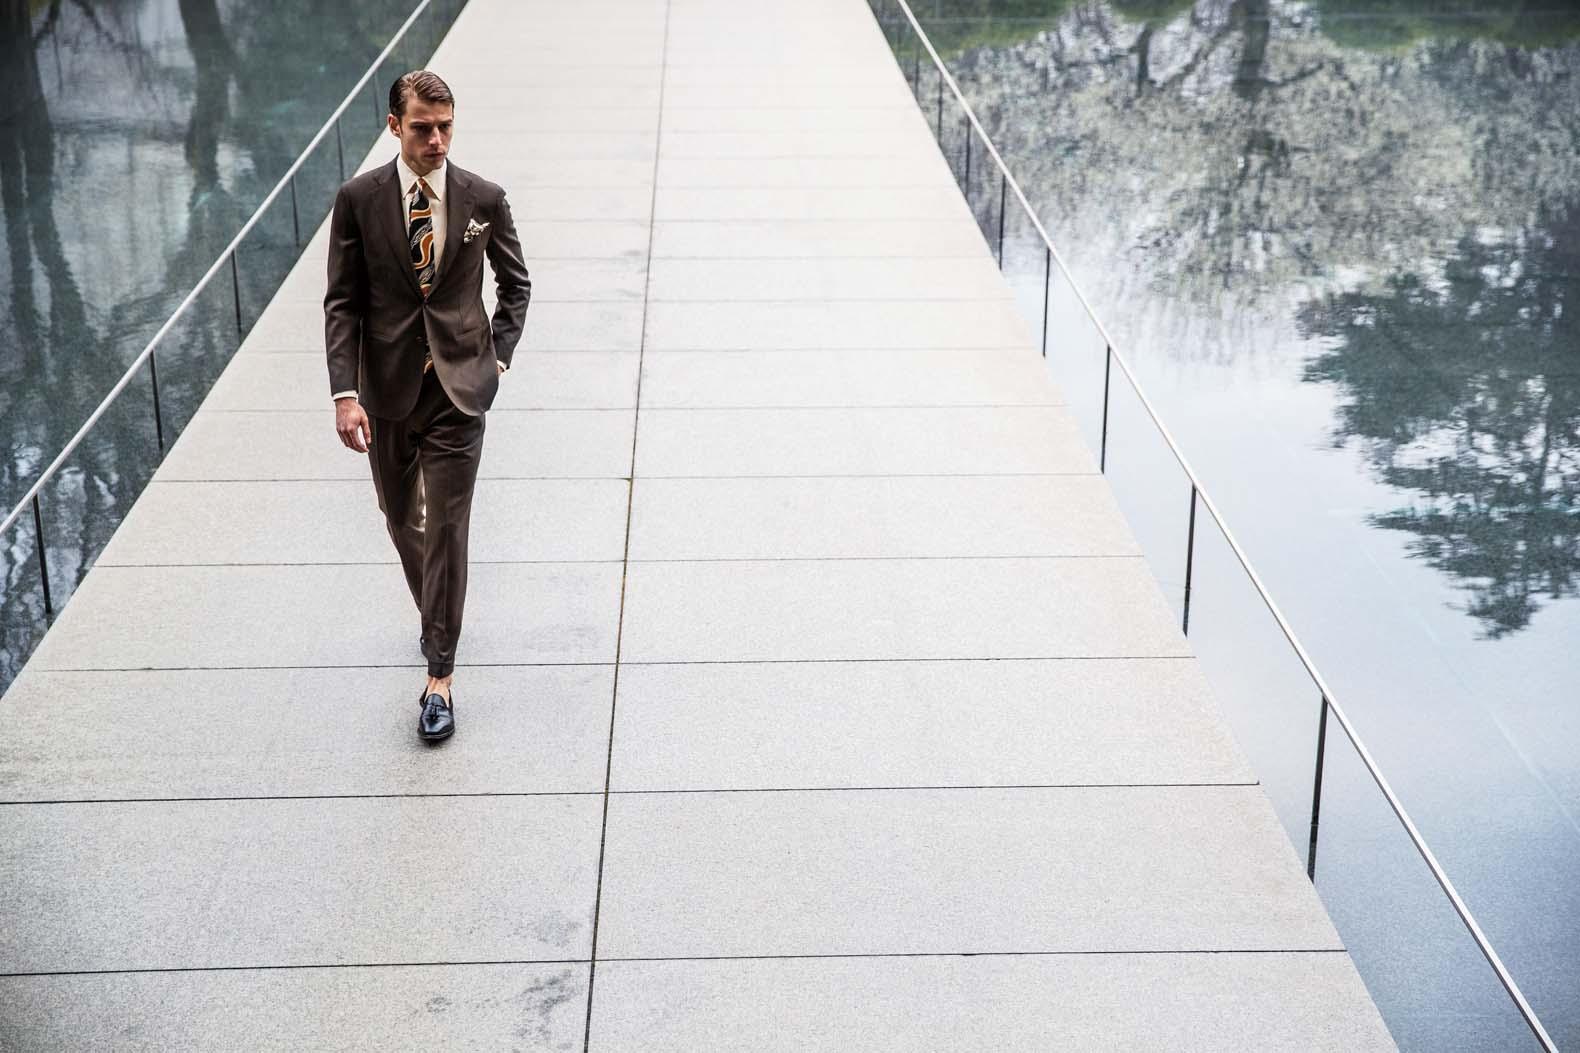 スーツはもはや仕事着だけではない。